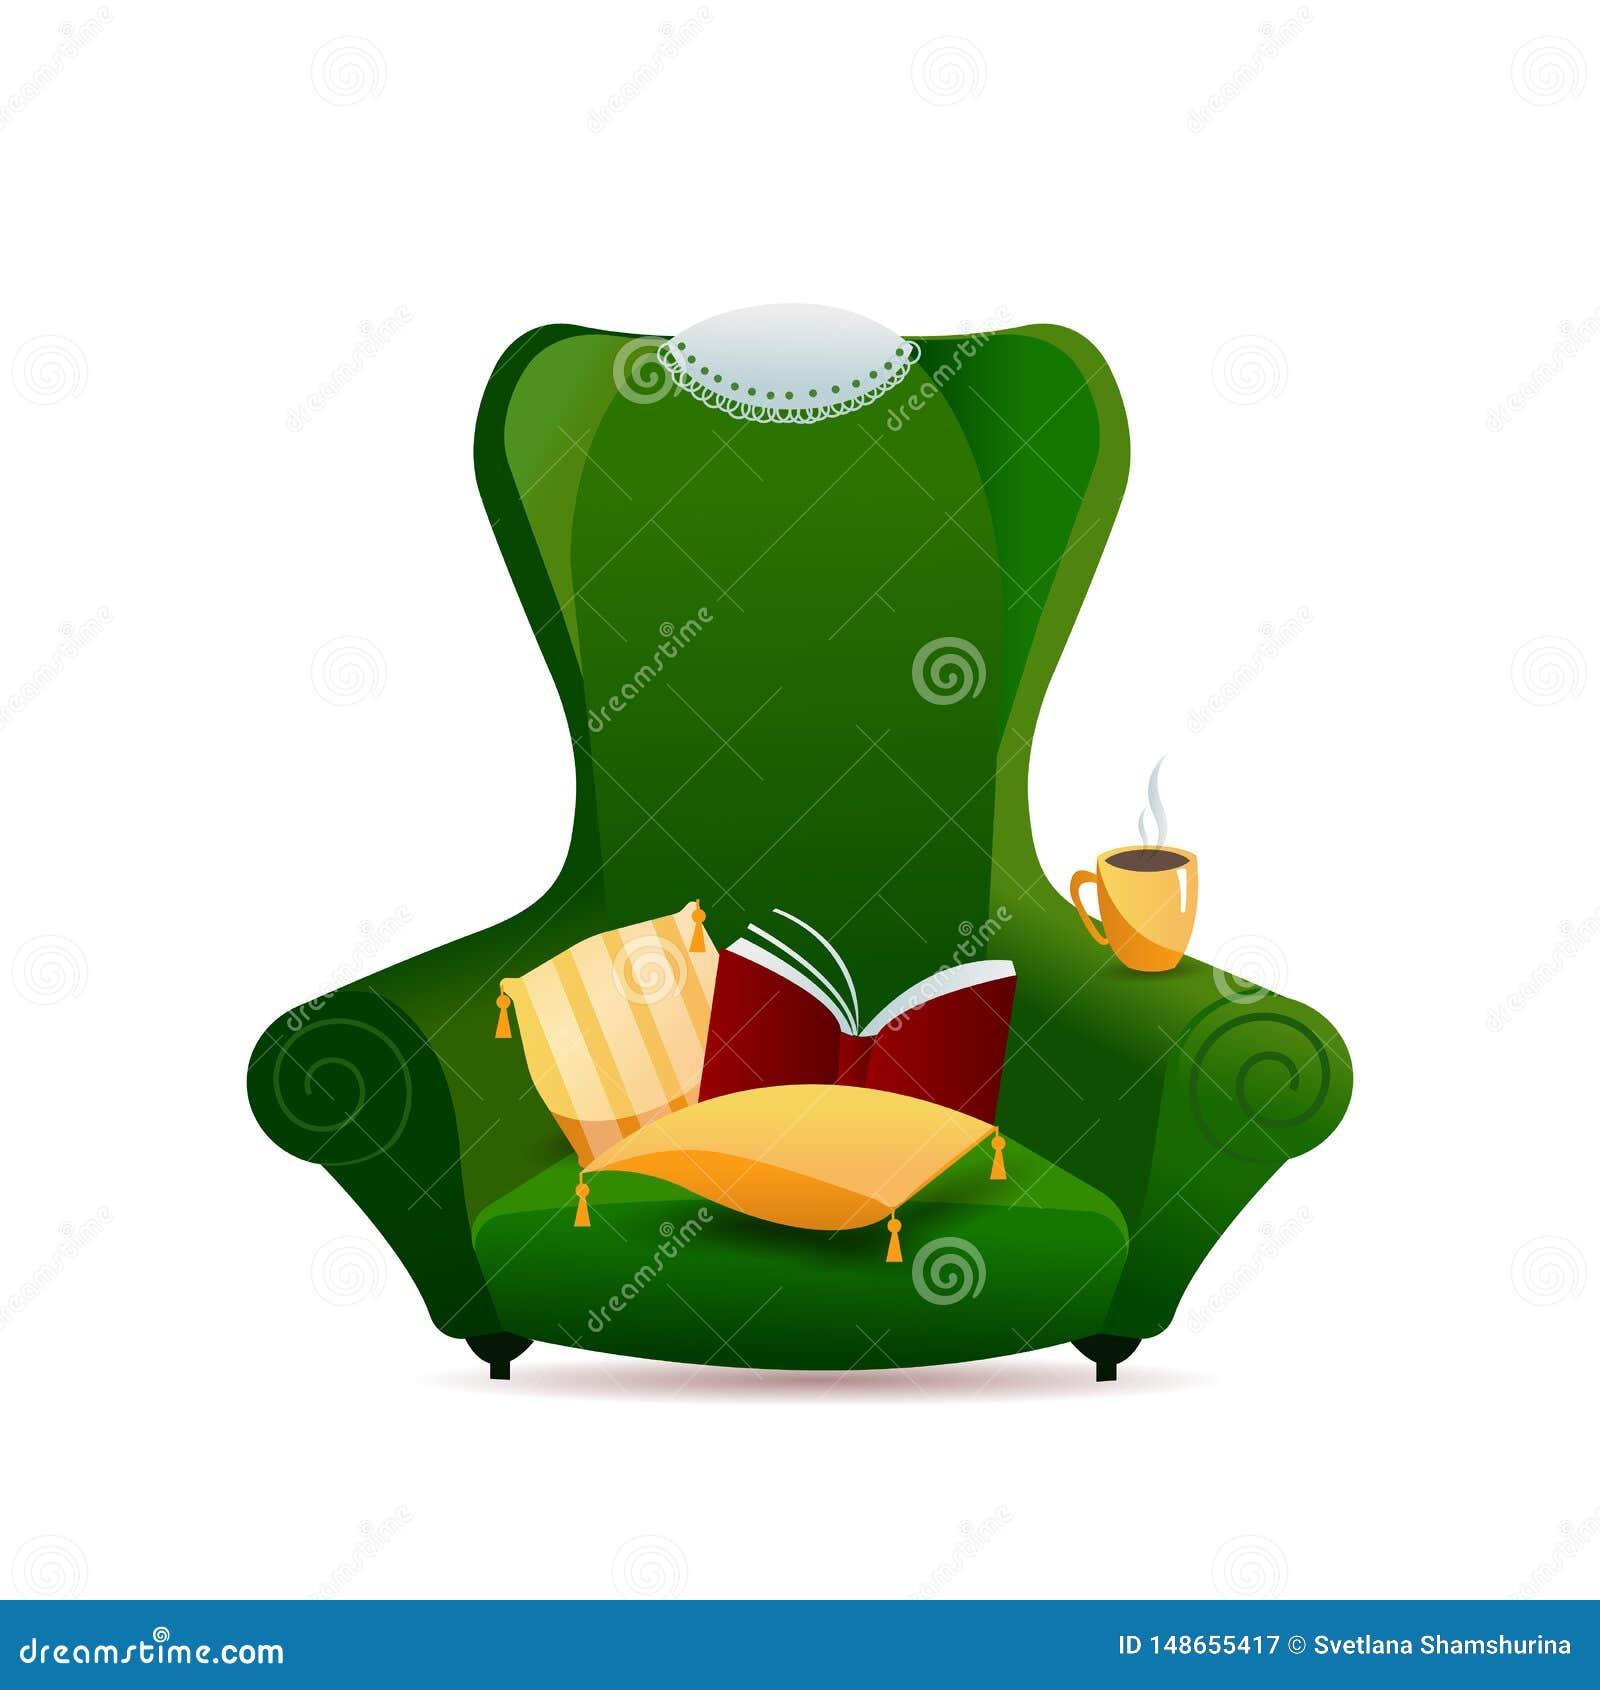 Groene uitstekende bankleunstoel met gouden hoofdkussen met leeswijzers en kantservet op rug van stoel op witte achtergrond gradi